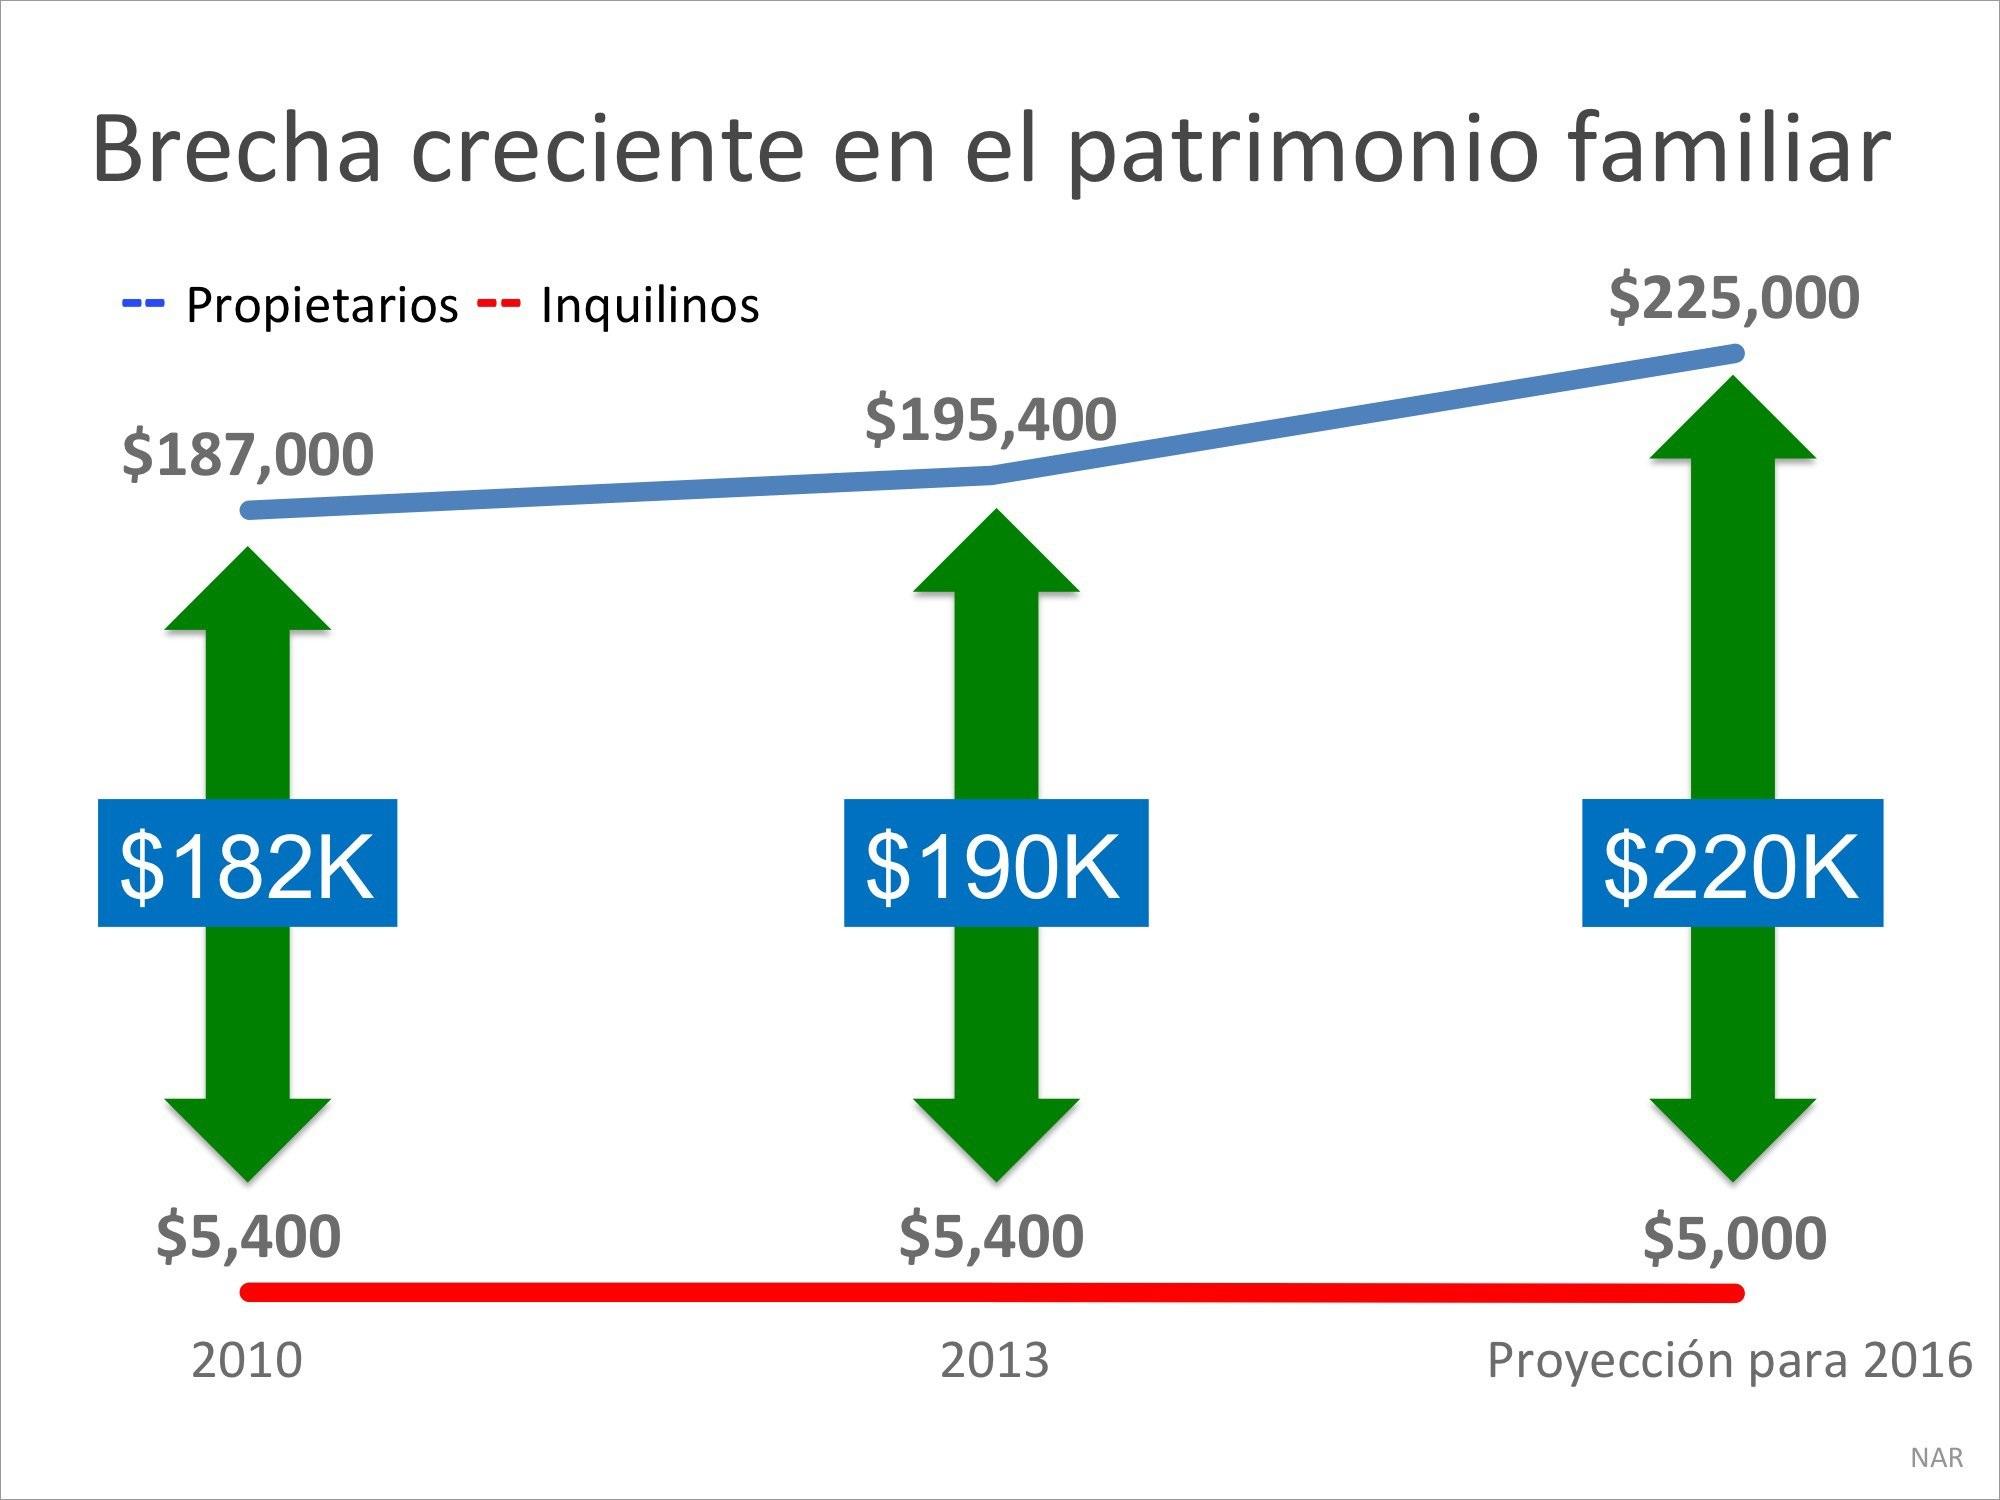 ¡El patrimonio neto de un propietario es 45 veces mayor que el de un inquilino! | Simplifying The Market